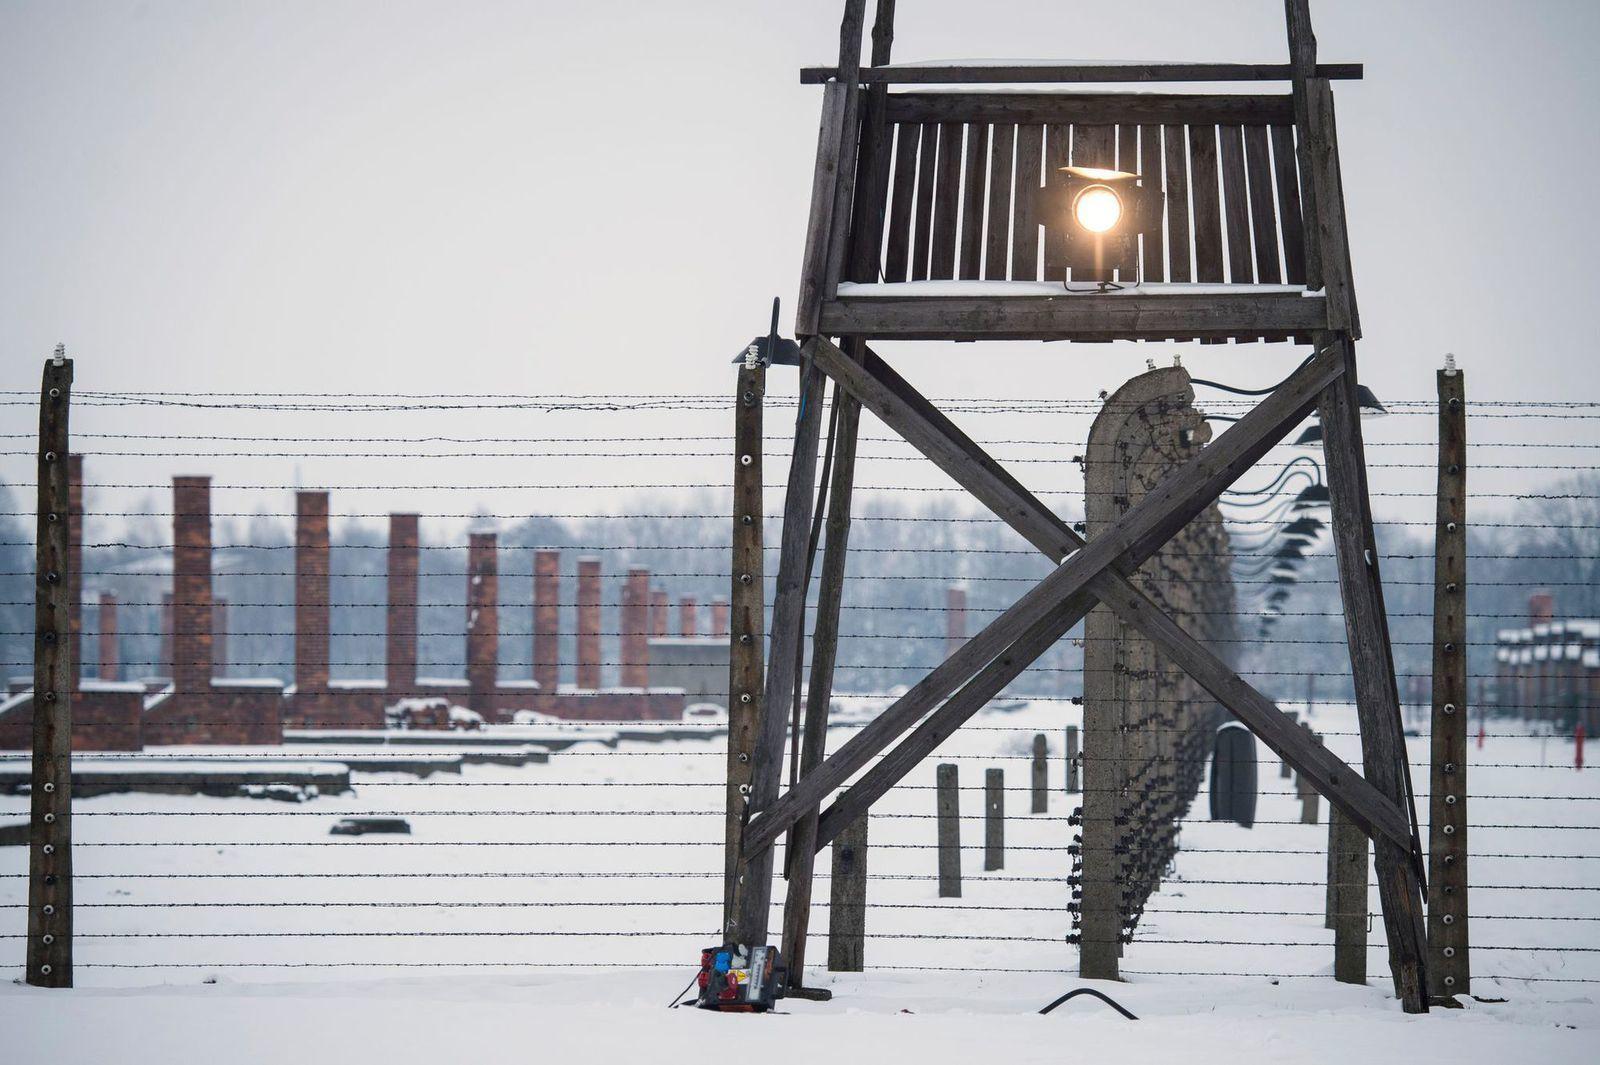 Un mirador du musée national Auschwitz-Birkenau, lieu commémoratif des camps de concentration allemands, en Pologne, le 26 janvier 2015